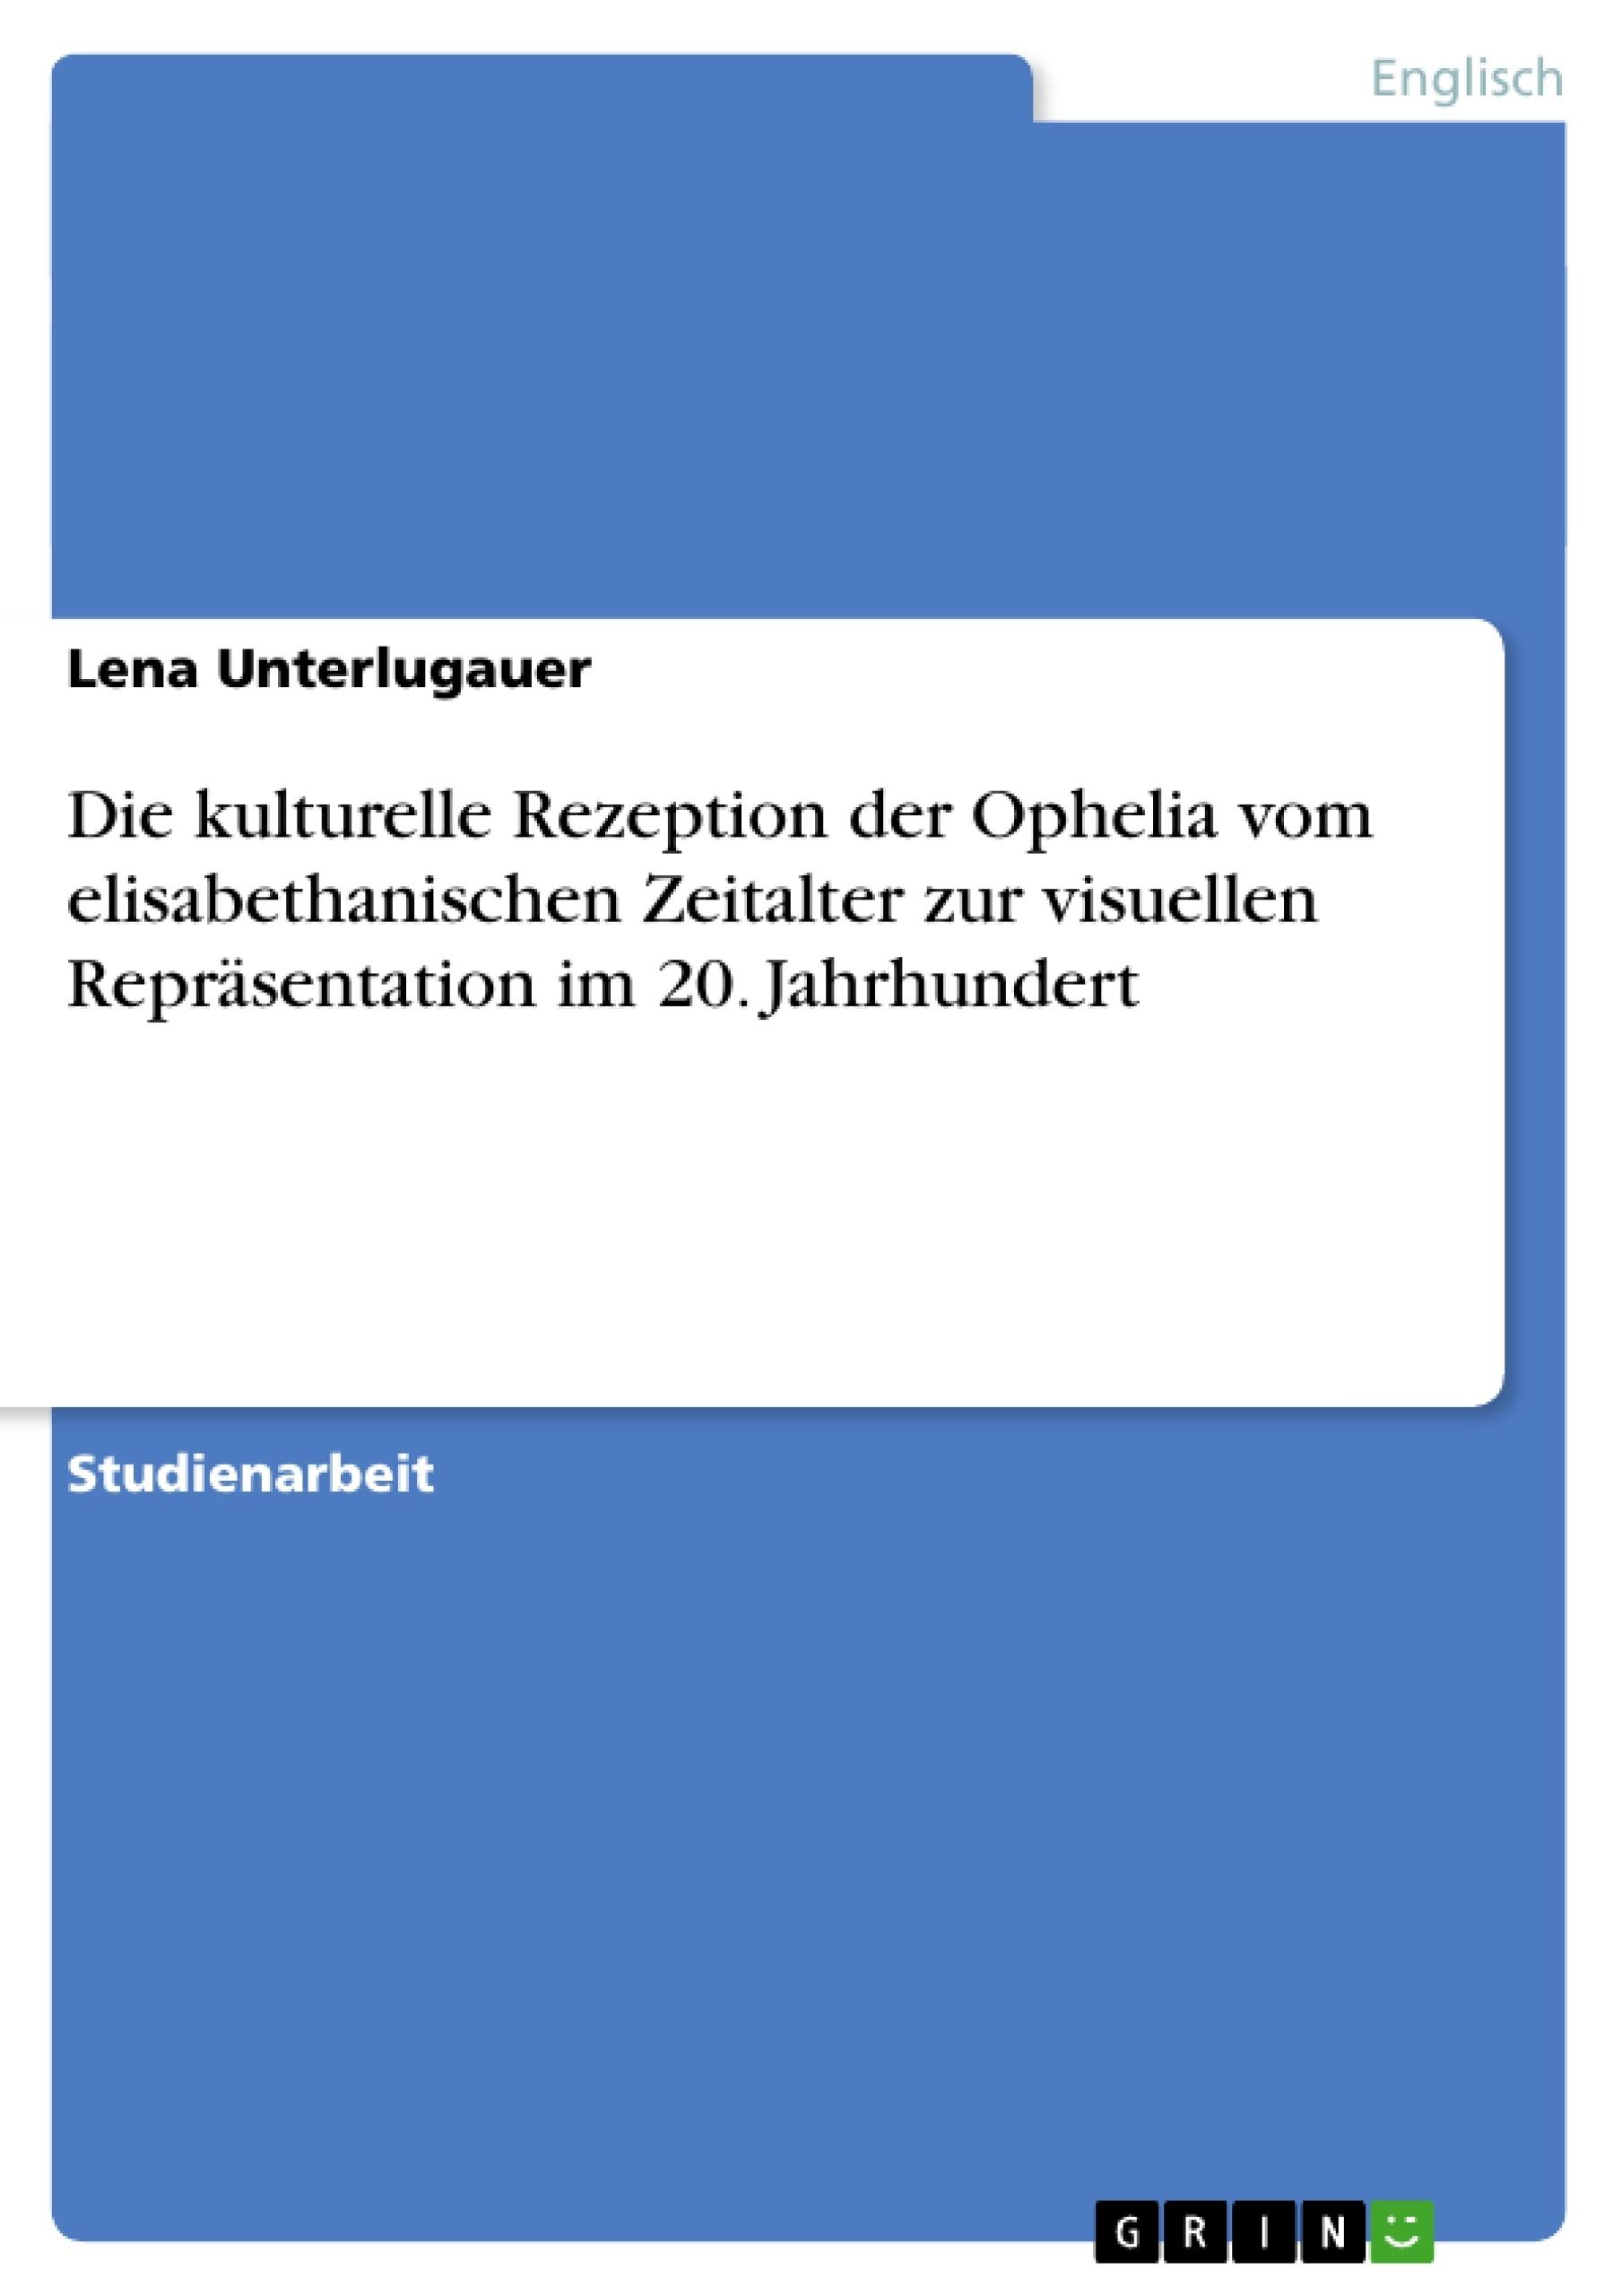 Titel: Die kulturelle Rezeption der Ophelia vom elisabethanischen Zeitalter zur visuellen Repräsentation im 20. Jahrhundert